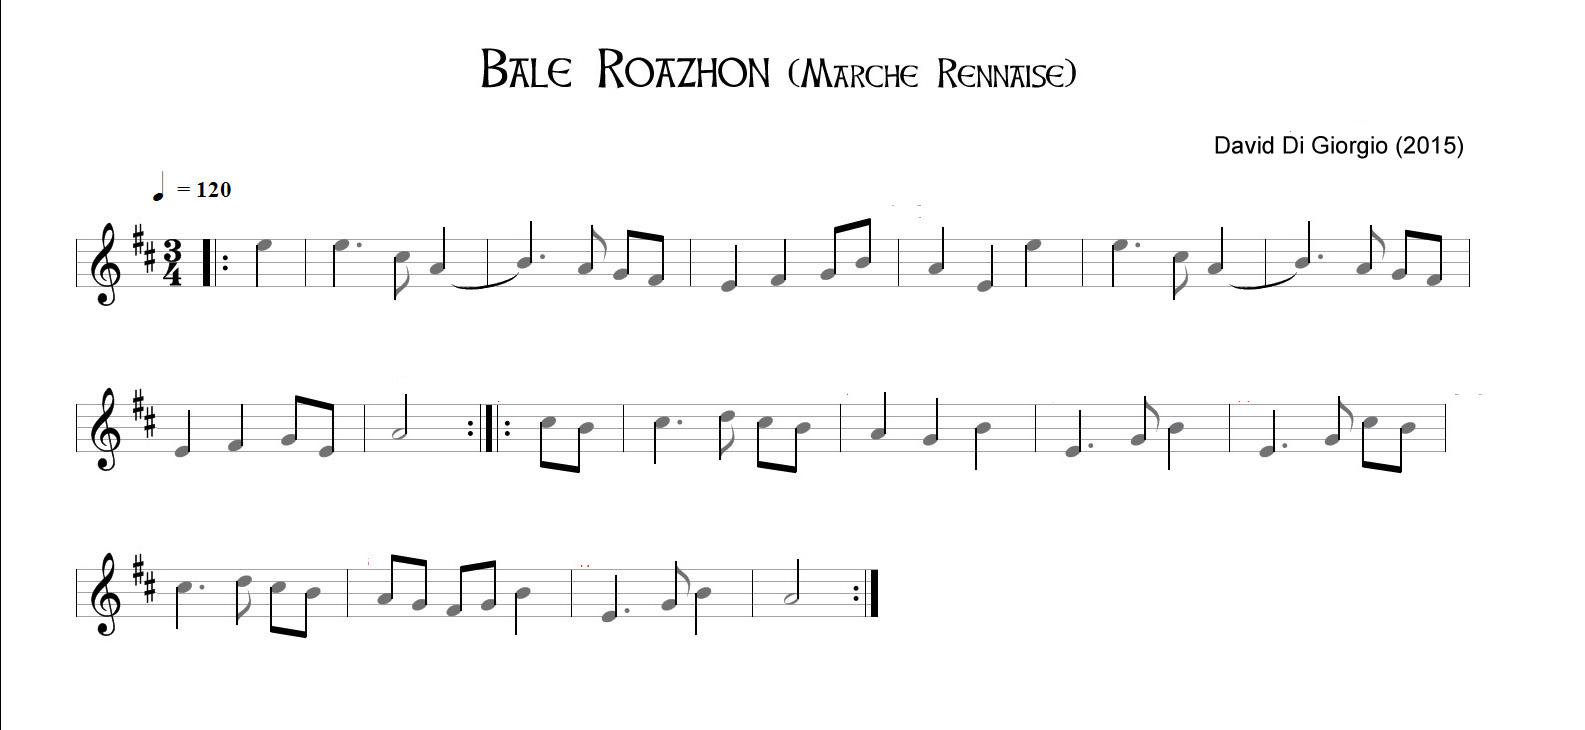 Bale Roazhon (marche rennaise)